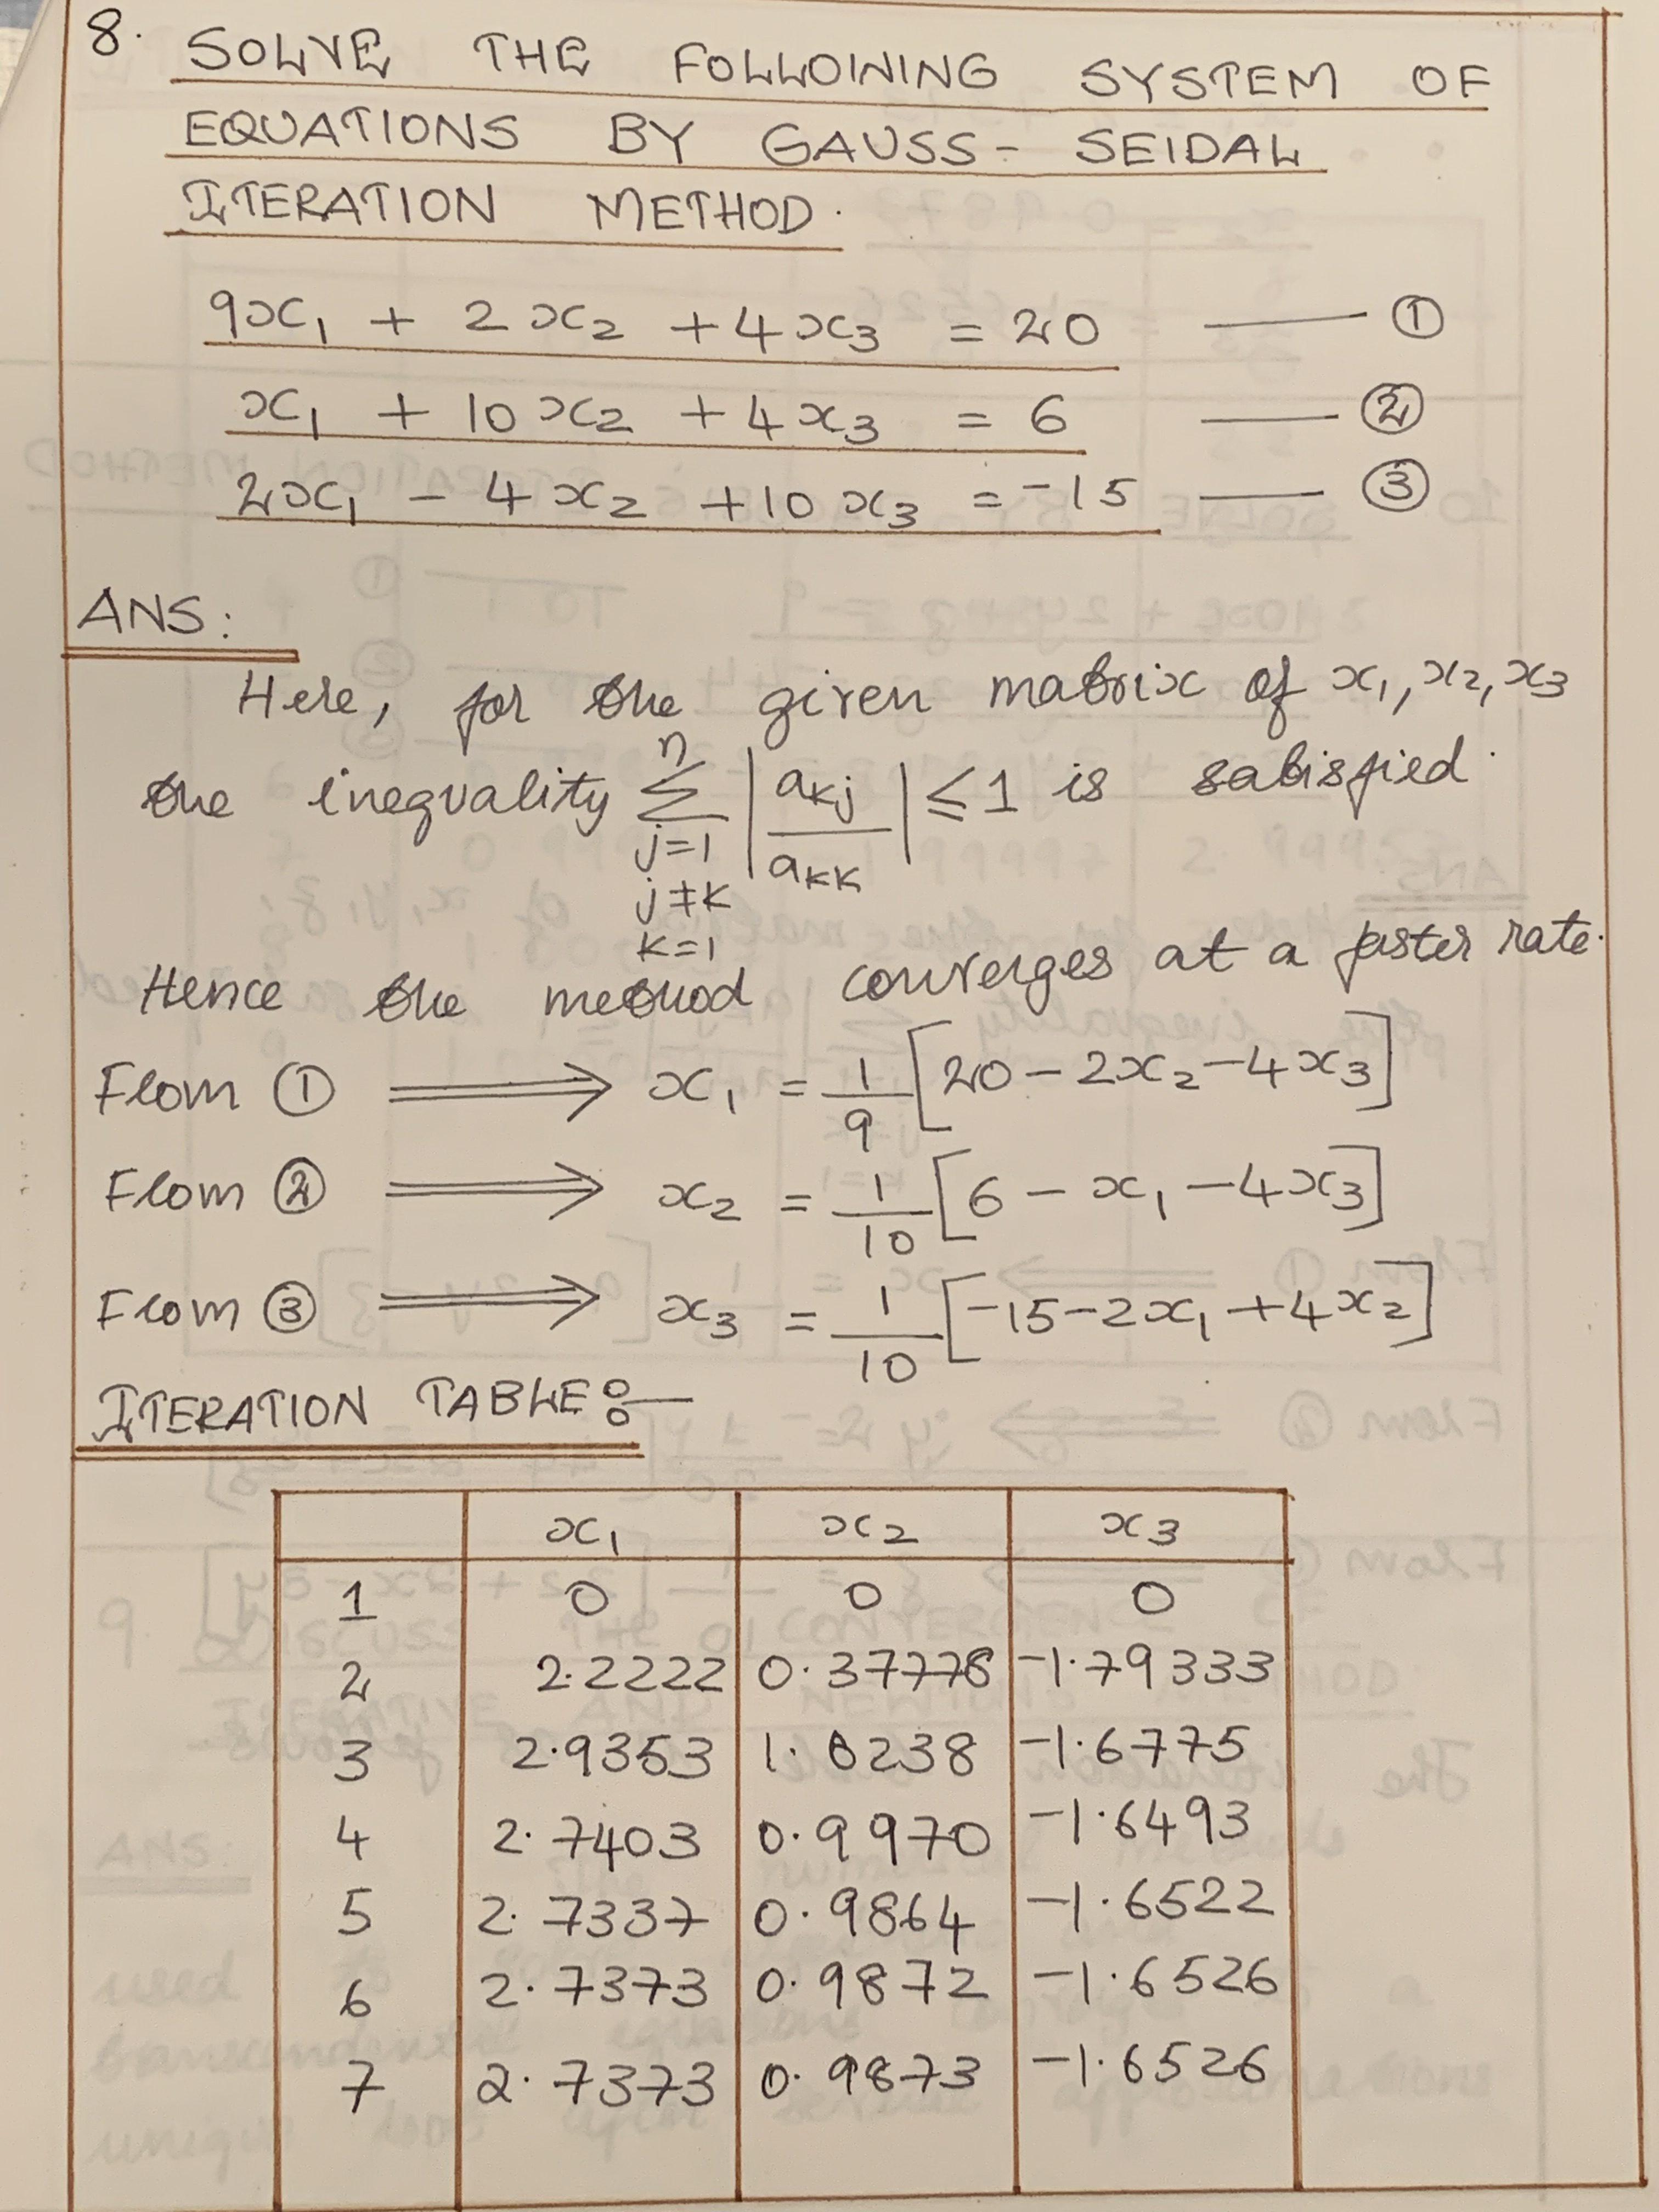 gauss-seidal-method1